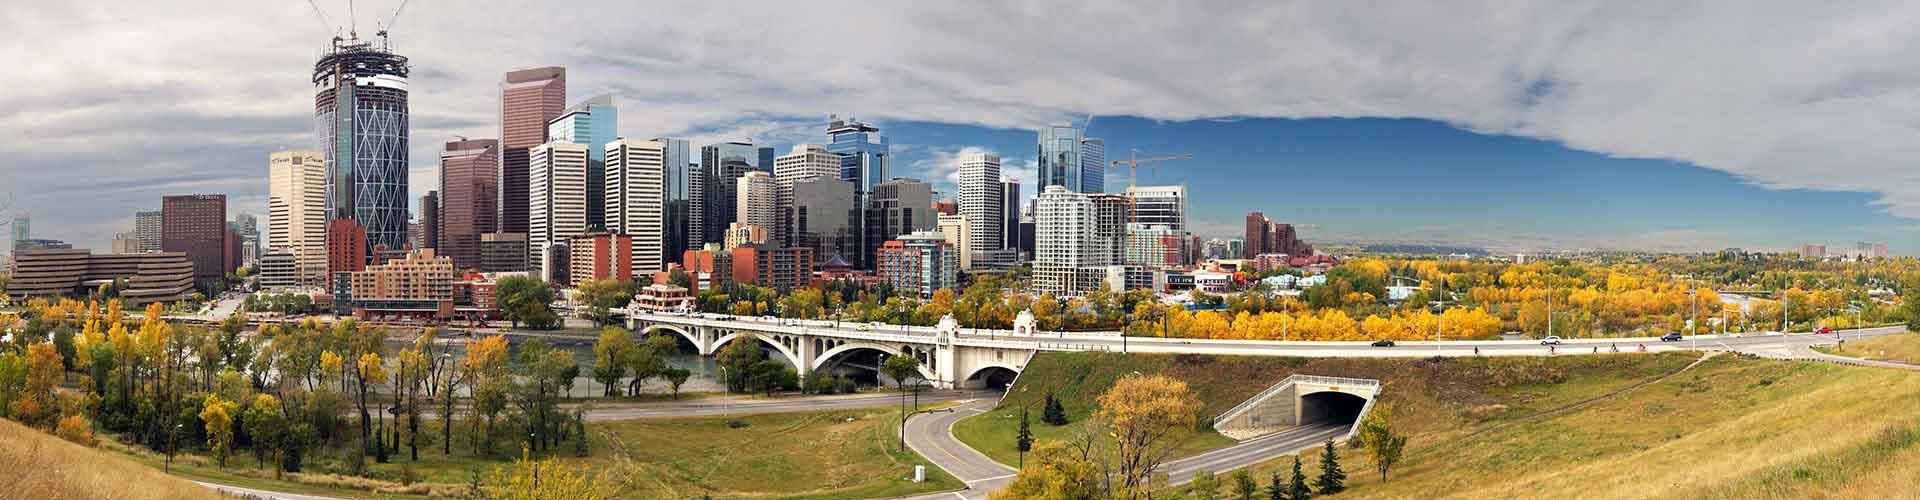 Calgary - Auberges de jeunesse dans le quartier de Stampede Park. Cartes pour Calgary, photos et commentaires pour chaque auberge de jeunesse à Calgary.